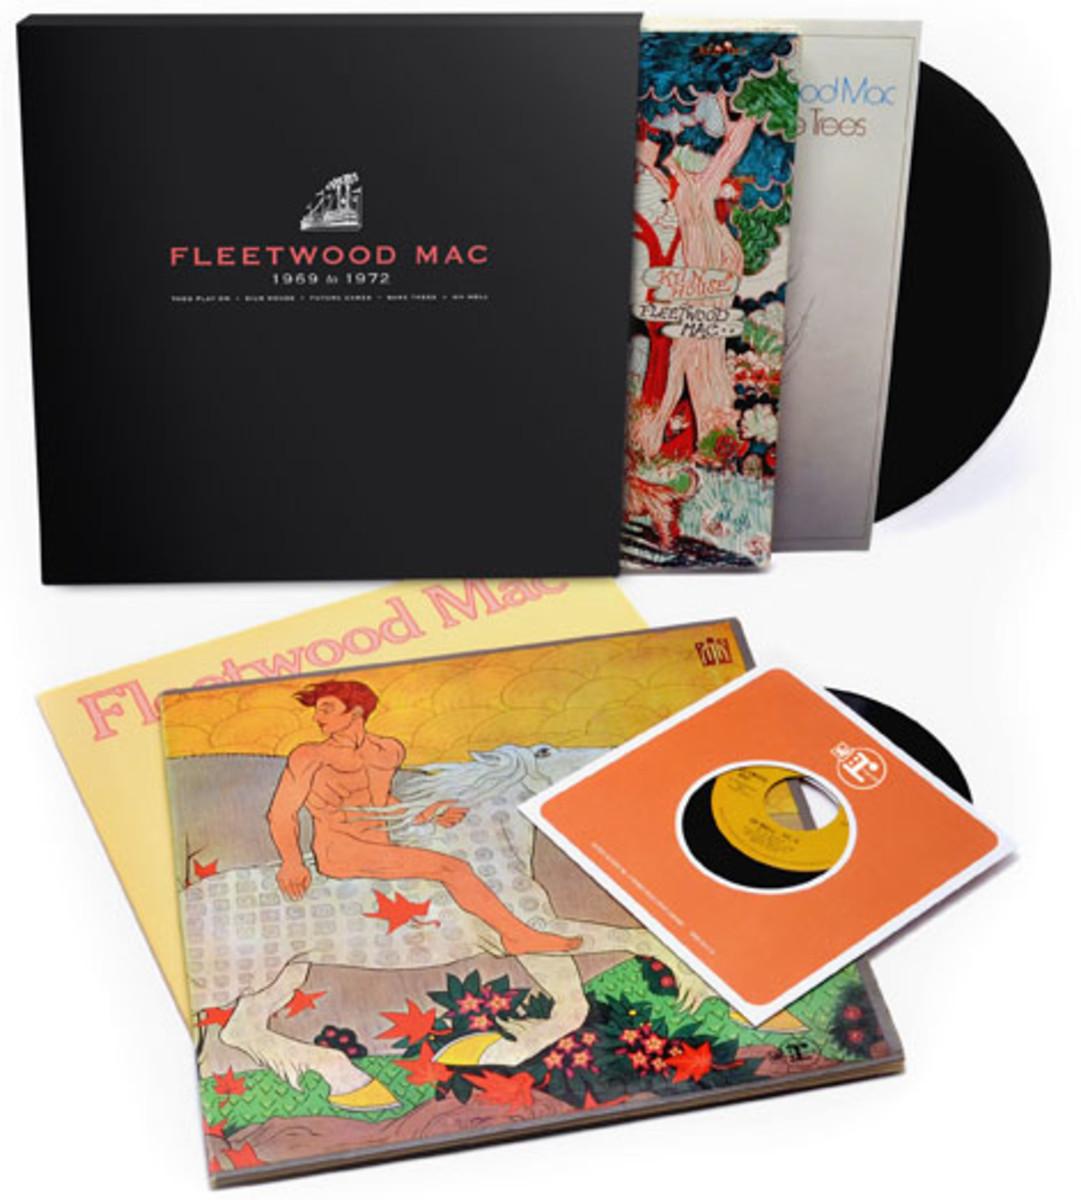 Fleetwood Mac 1969 to 1972 Rhino vinyl box set